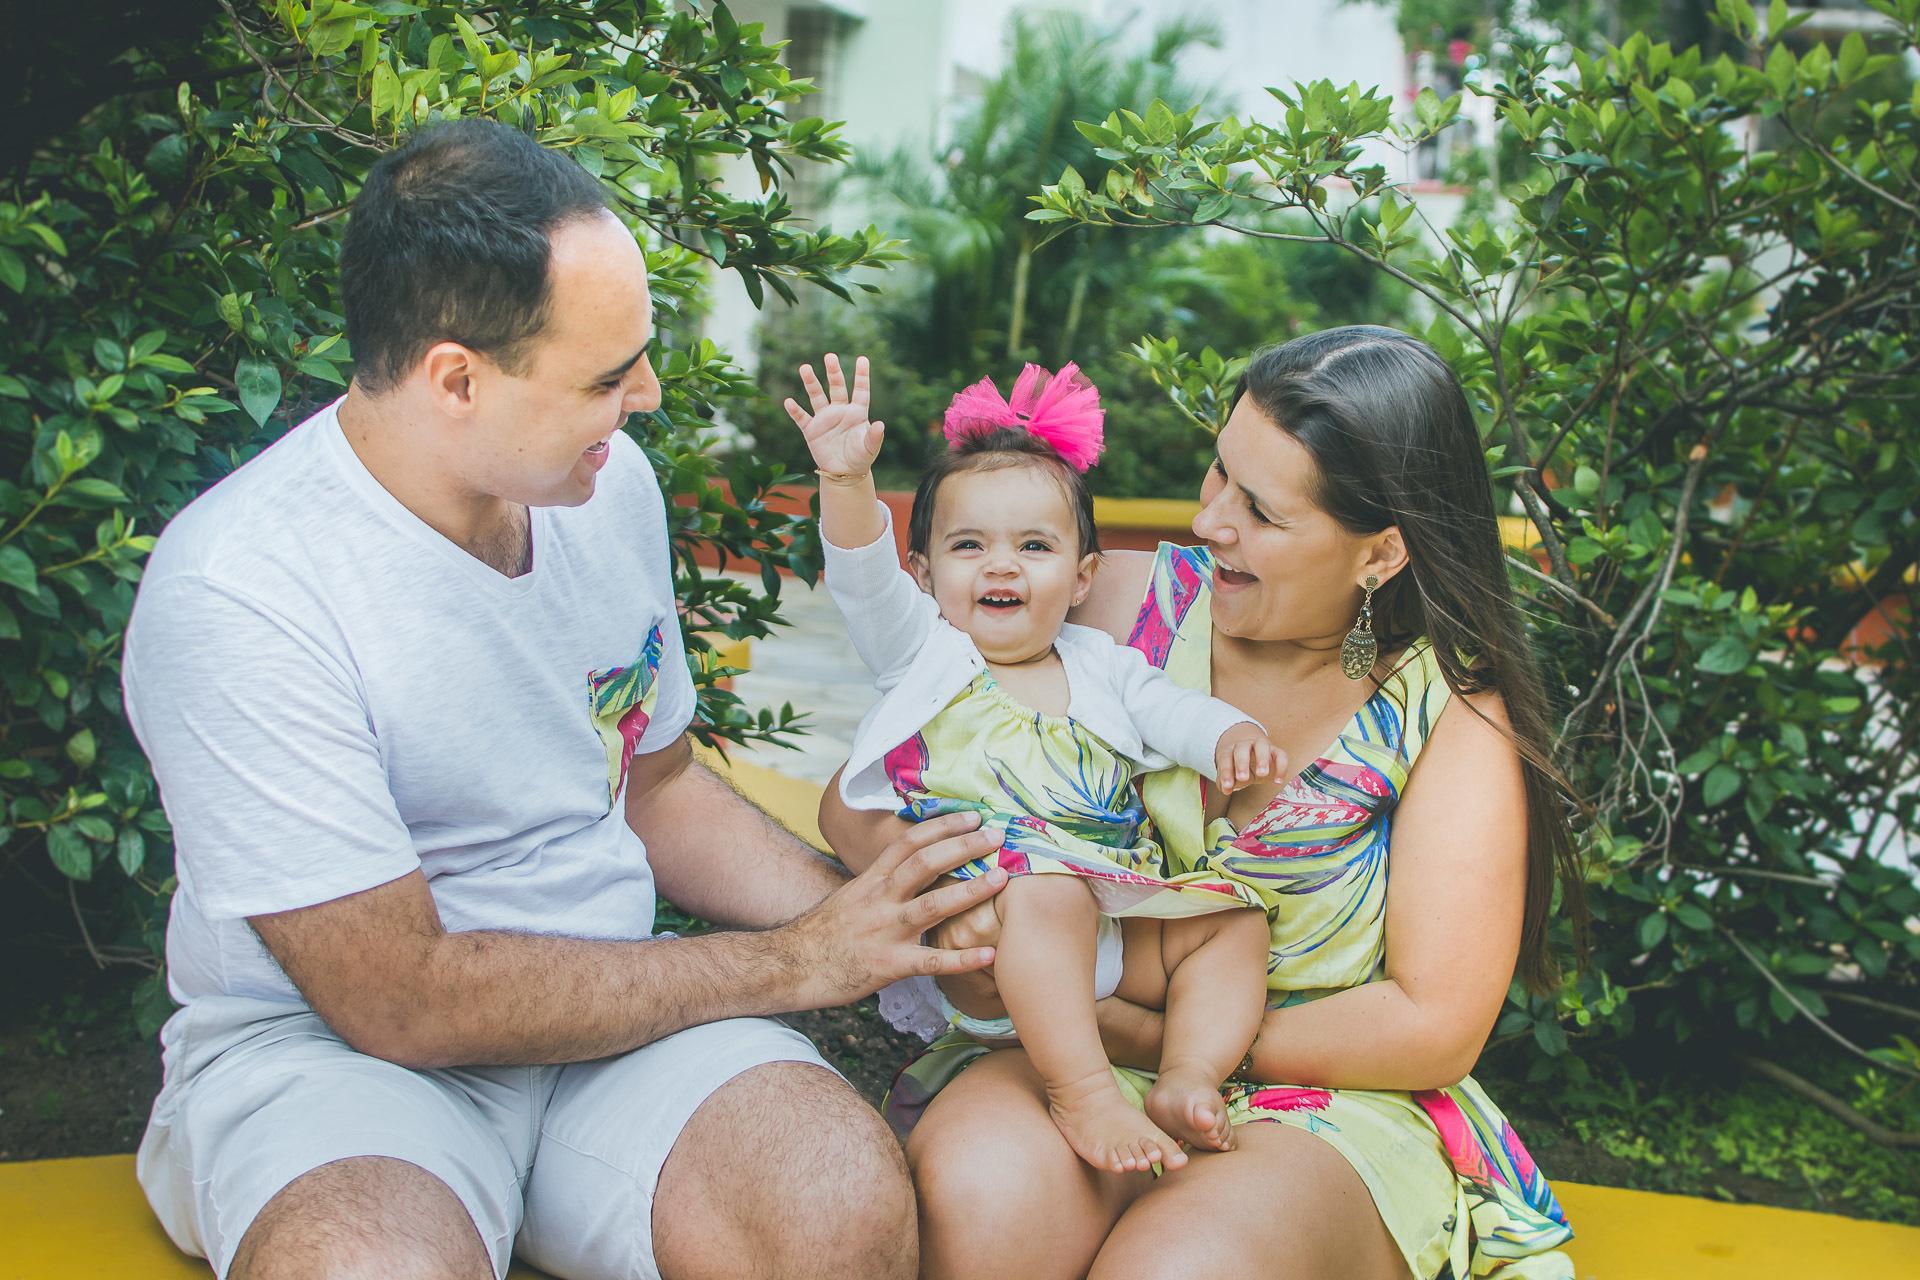 Contate Danny Alves Fotografia Infantil e de Famílias | Rio de Janeiro - RJ